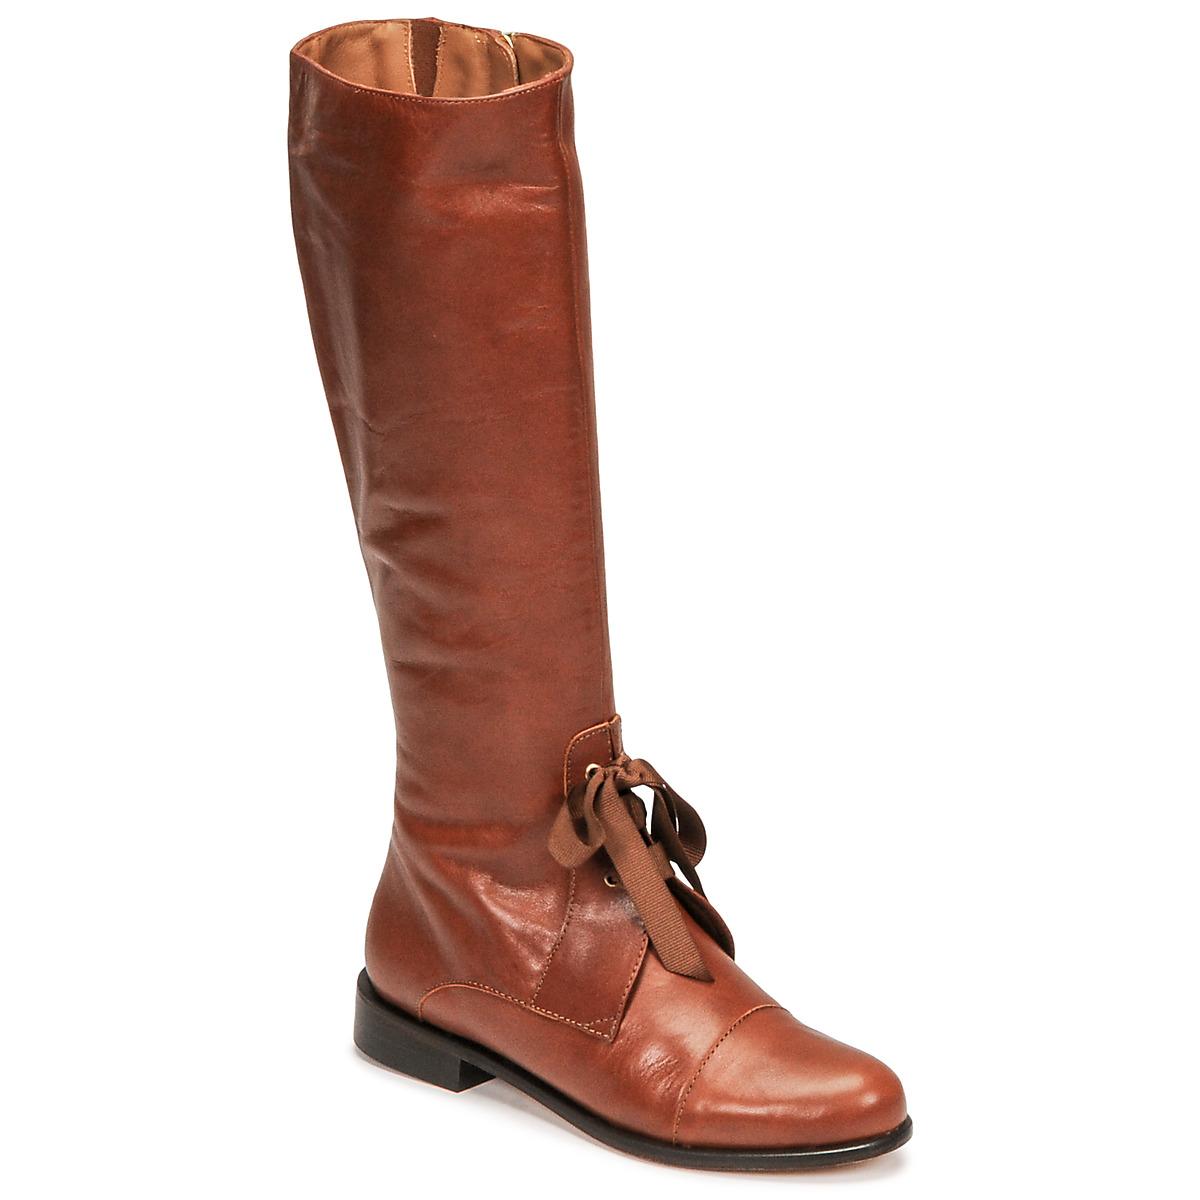 Fericelli MAURA Camel - Kostenloser Versand bei Spartoode ! - Schuhe Klassische Stiefel Damen 167,20 €